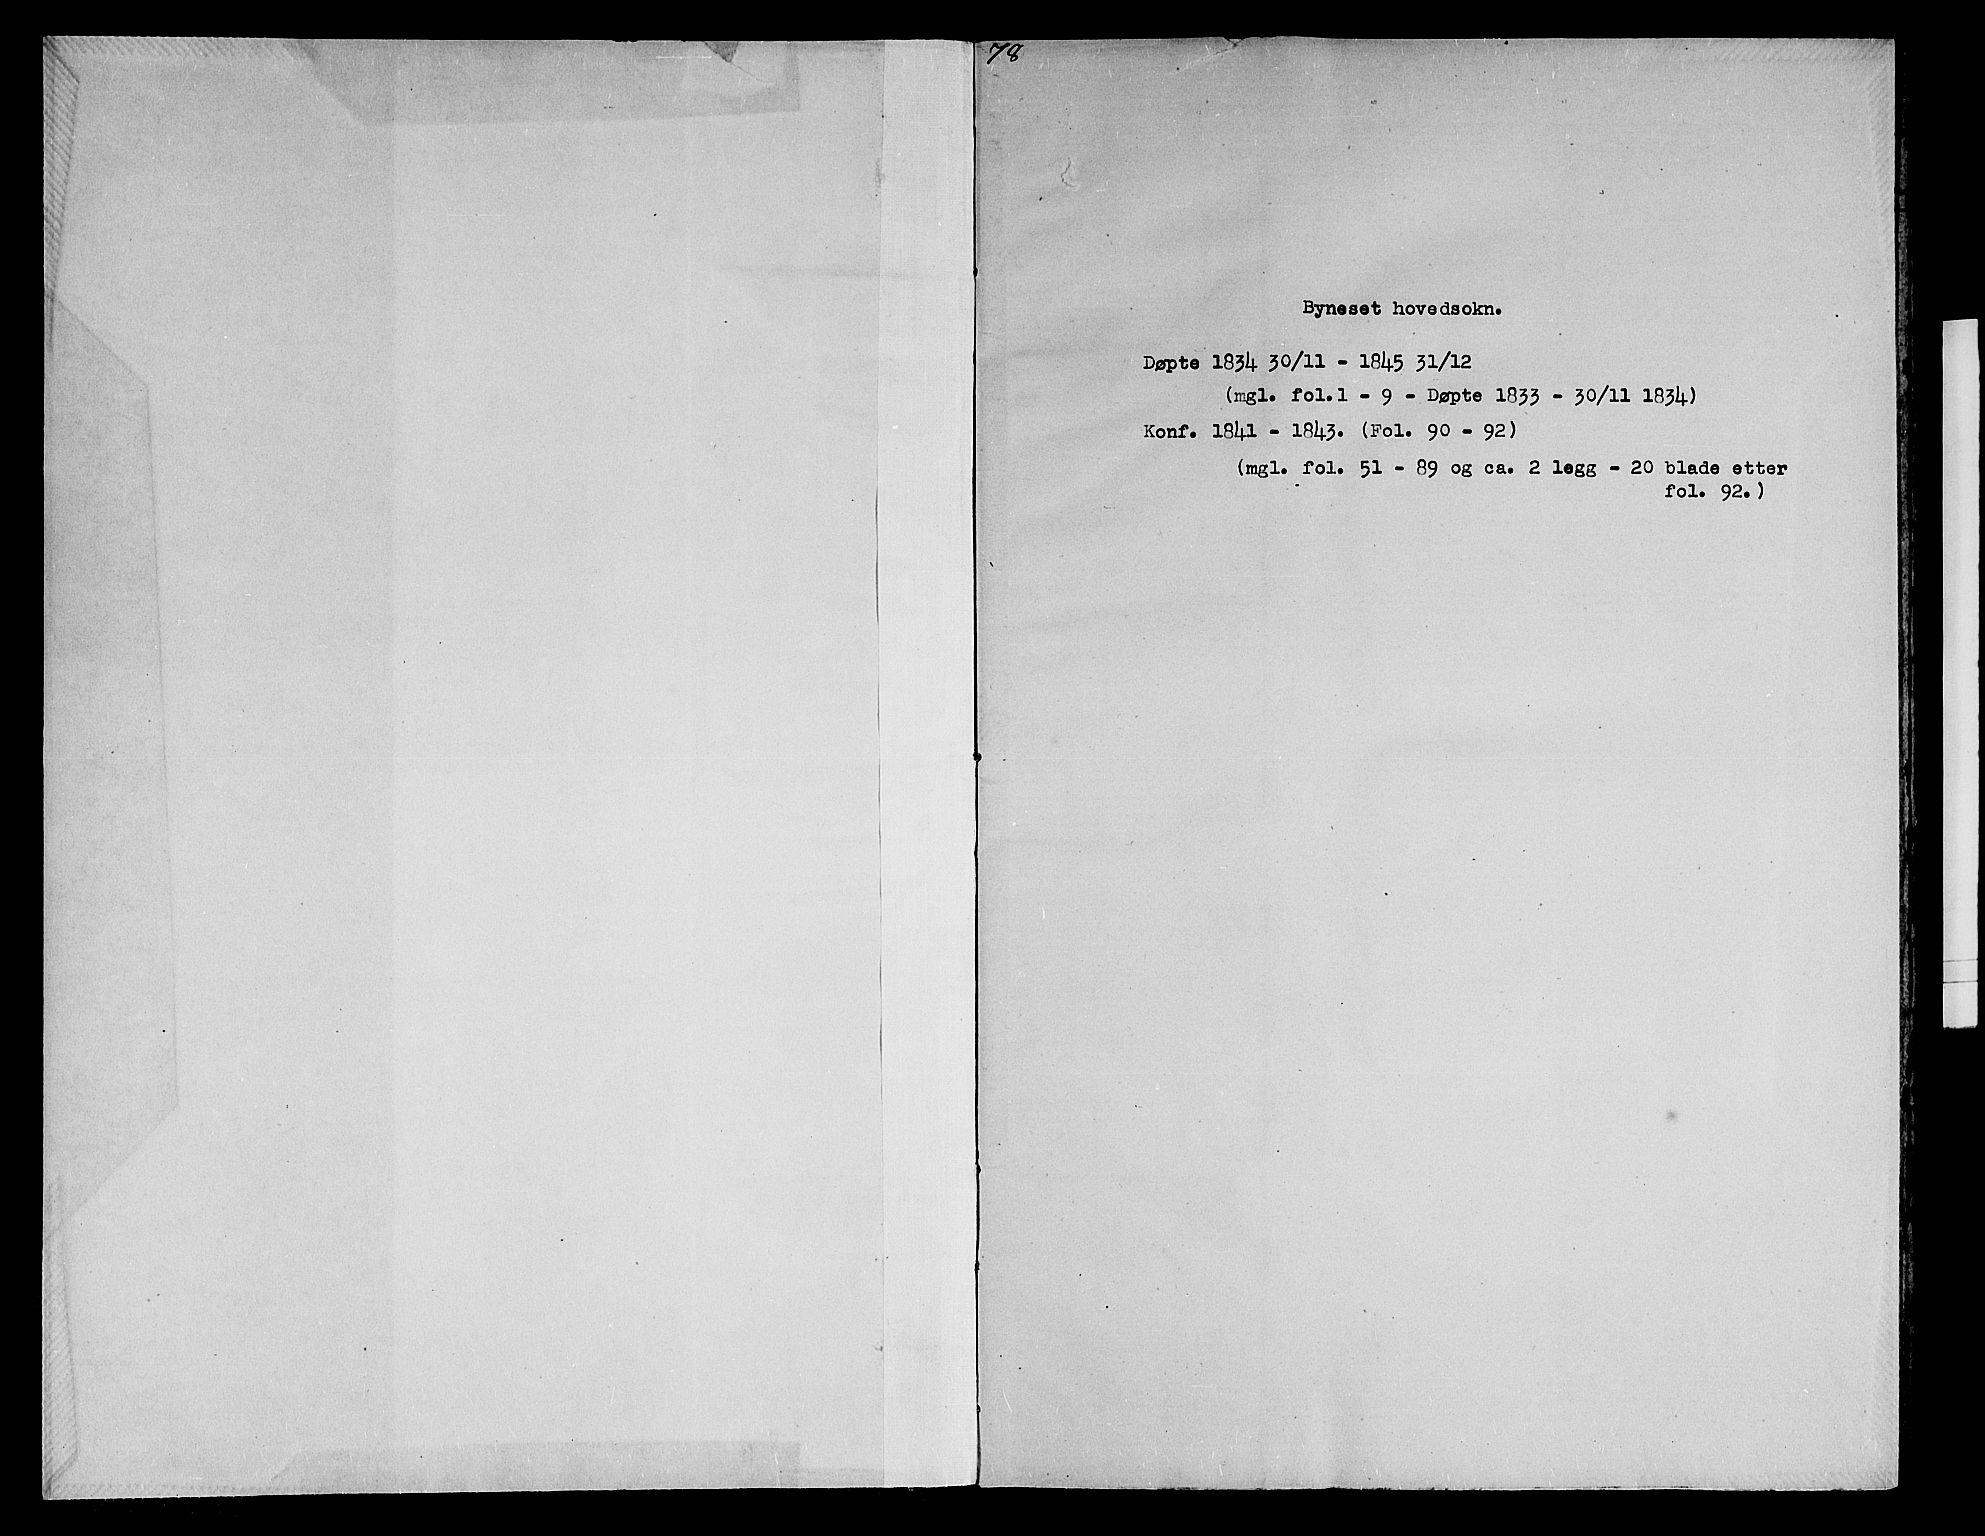 SAT, Ministerialprotokoller, klokkerbøker og fødselsregistre - Sør-Trøndelag, 612/L0386: Klokkerbok nr. 612C02, 1834-1845